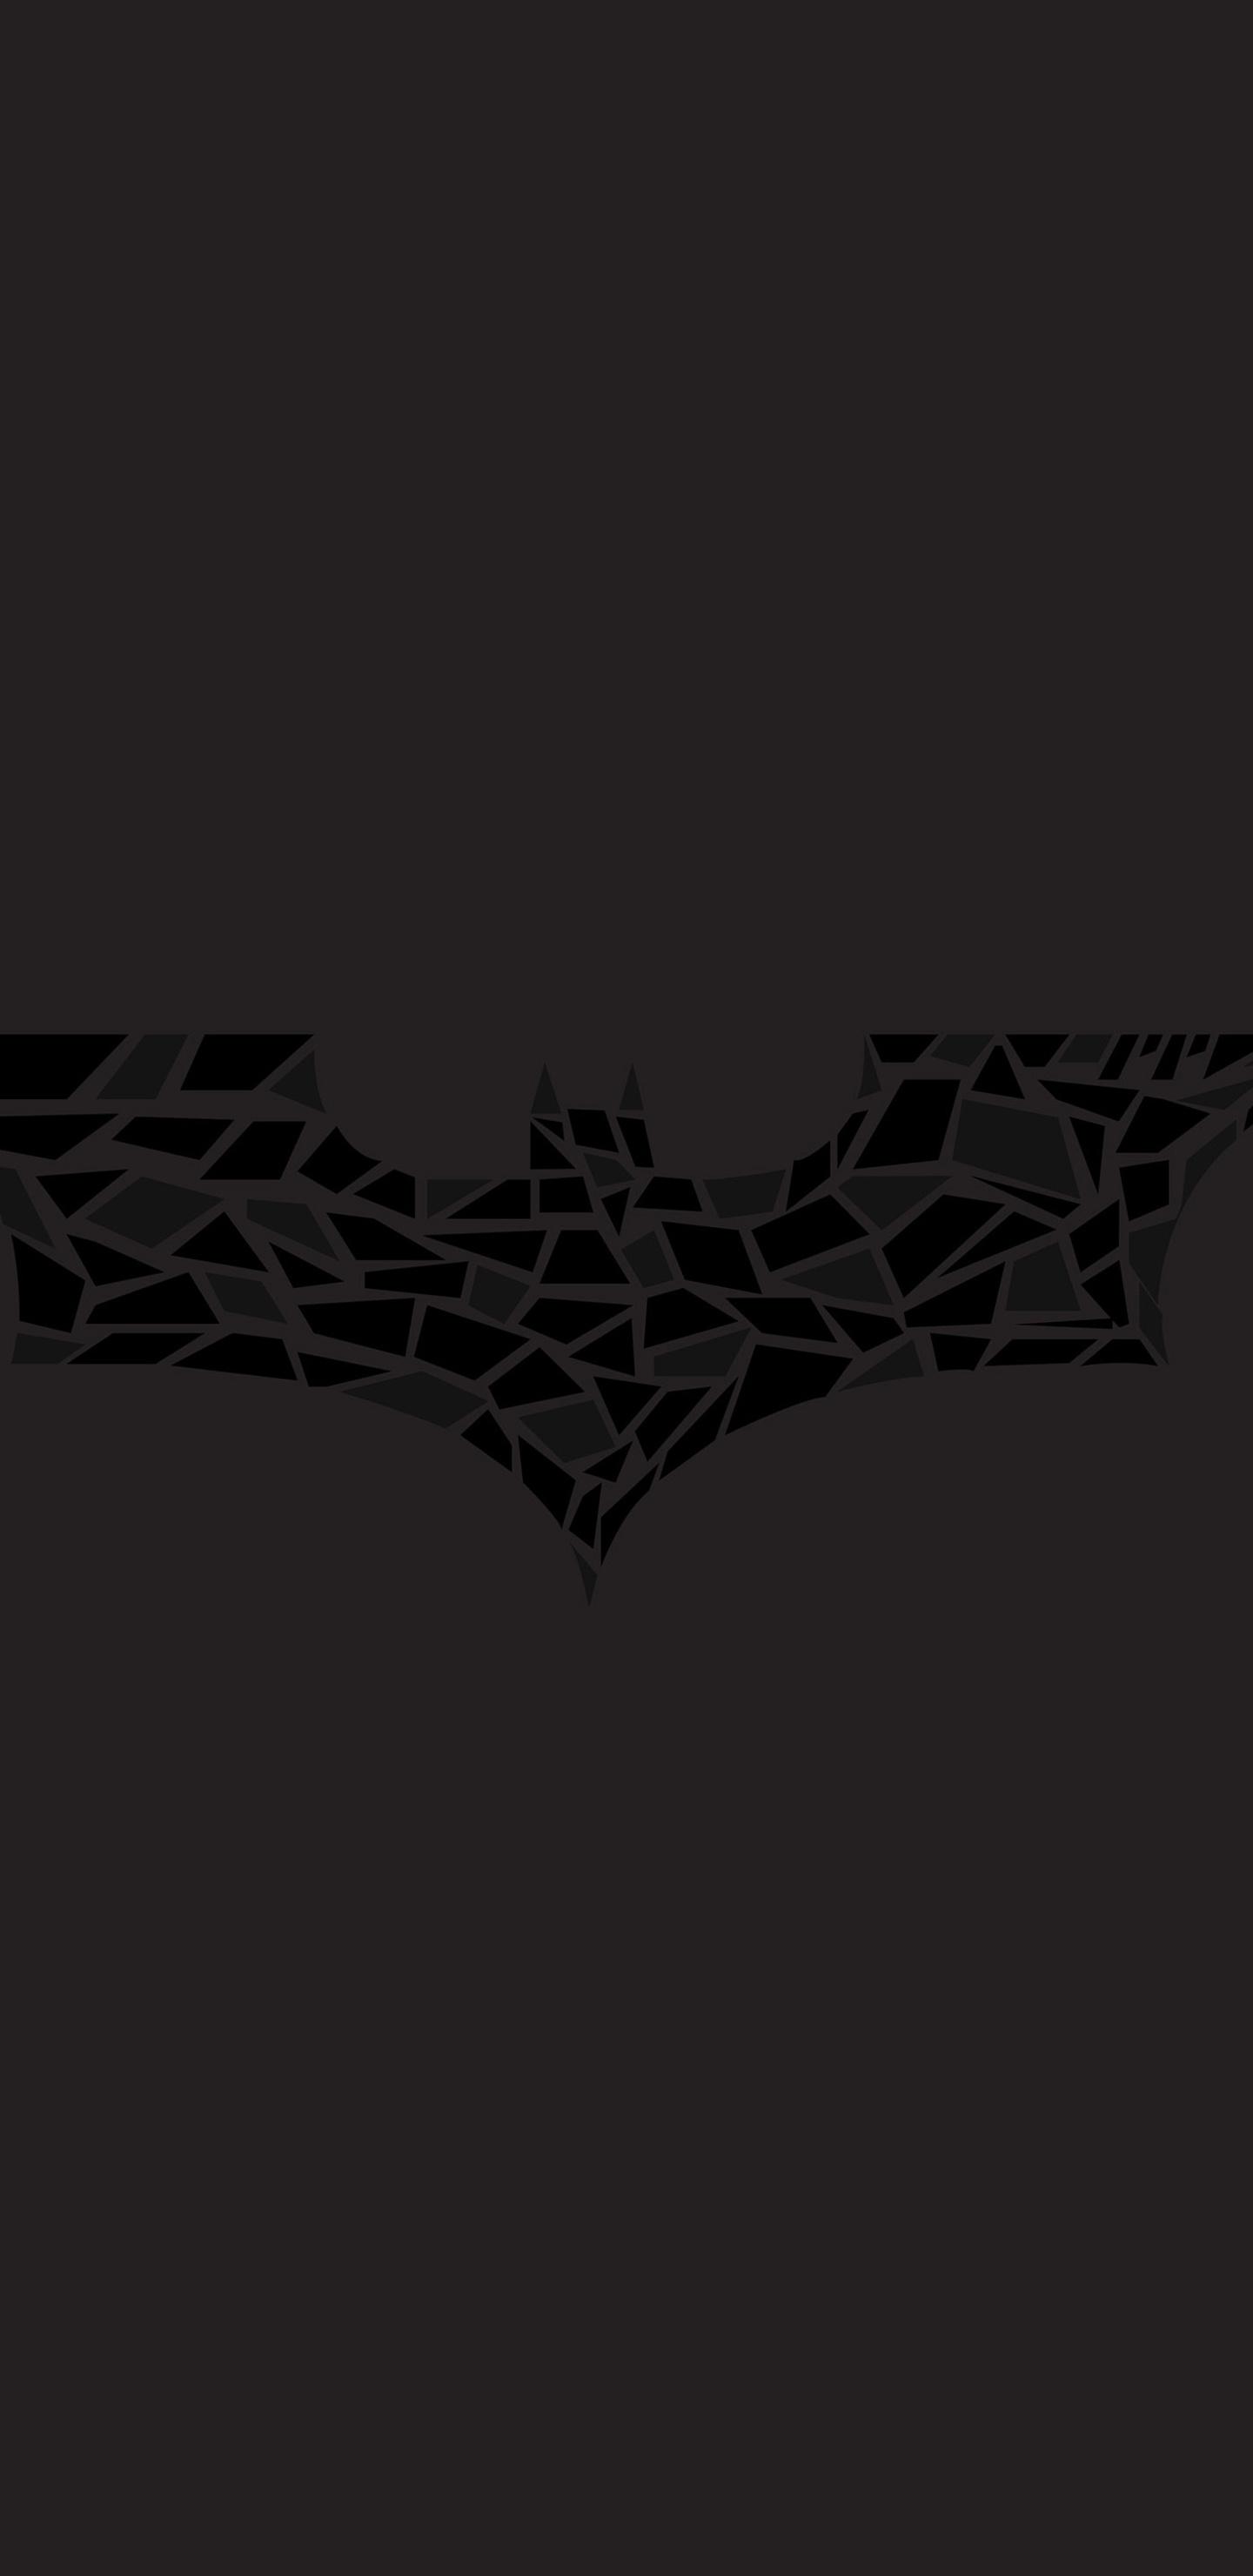 batman-logo-artwork-rz.jpg